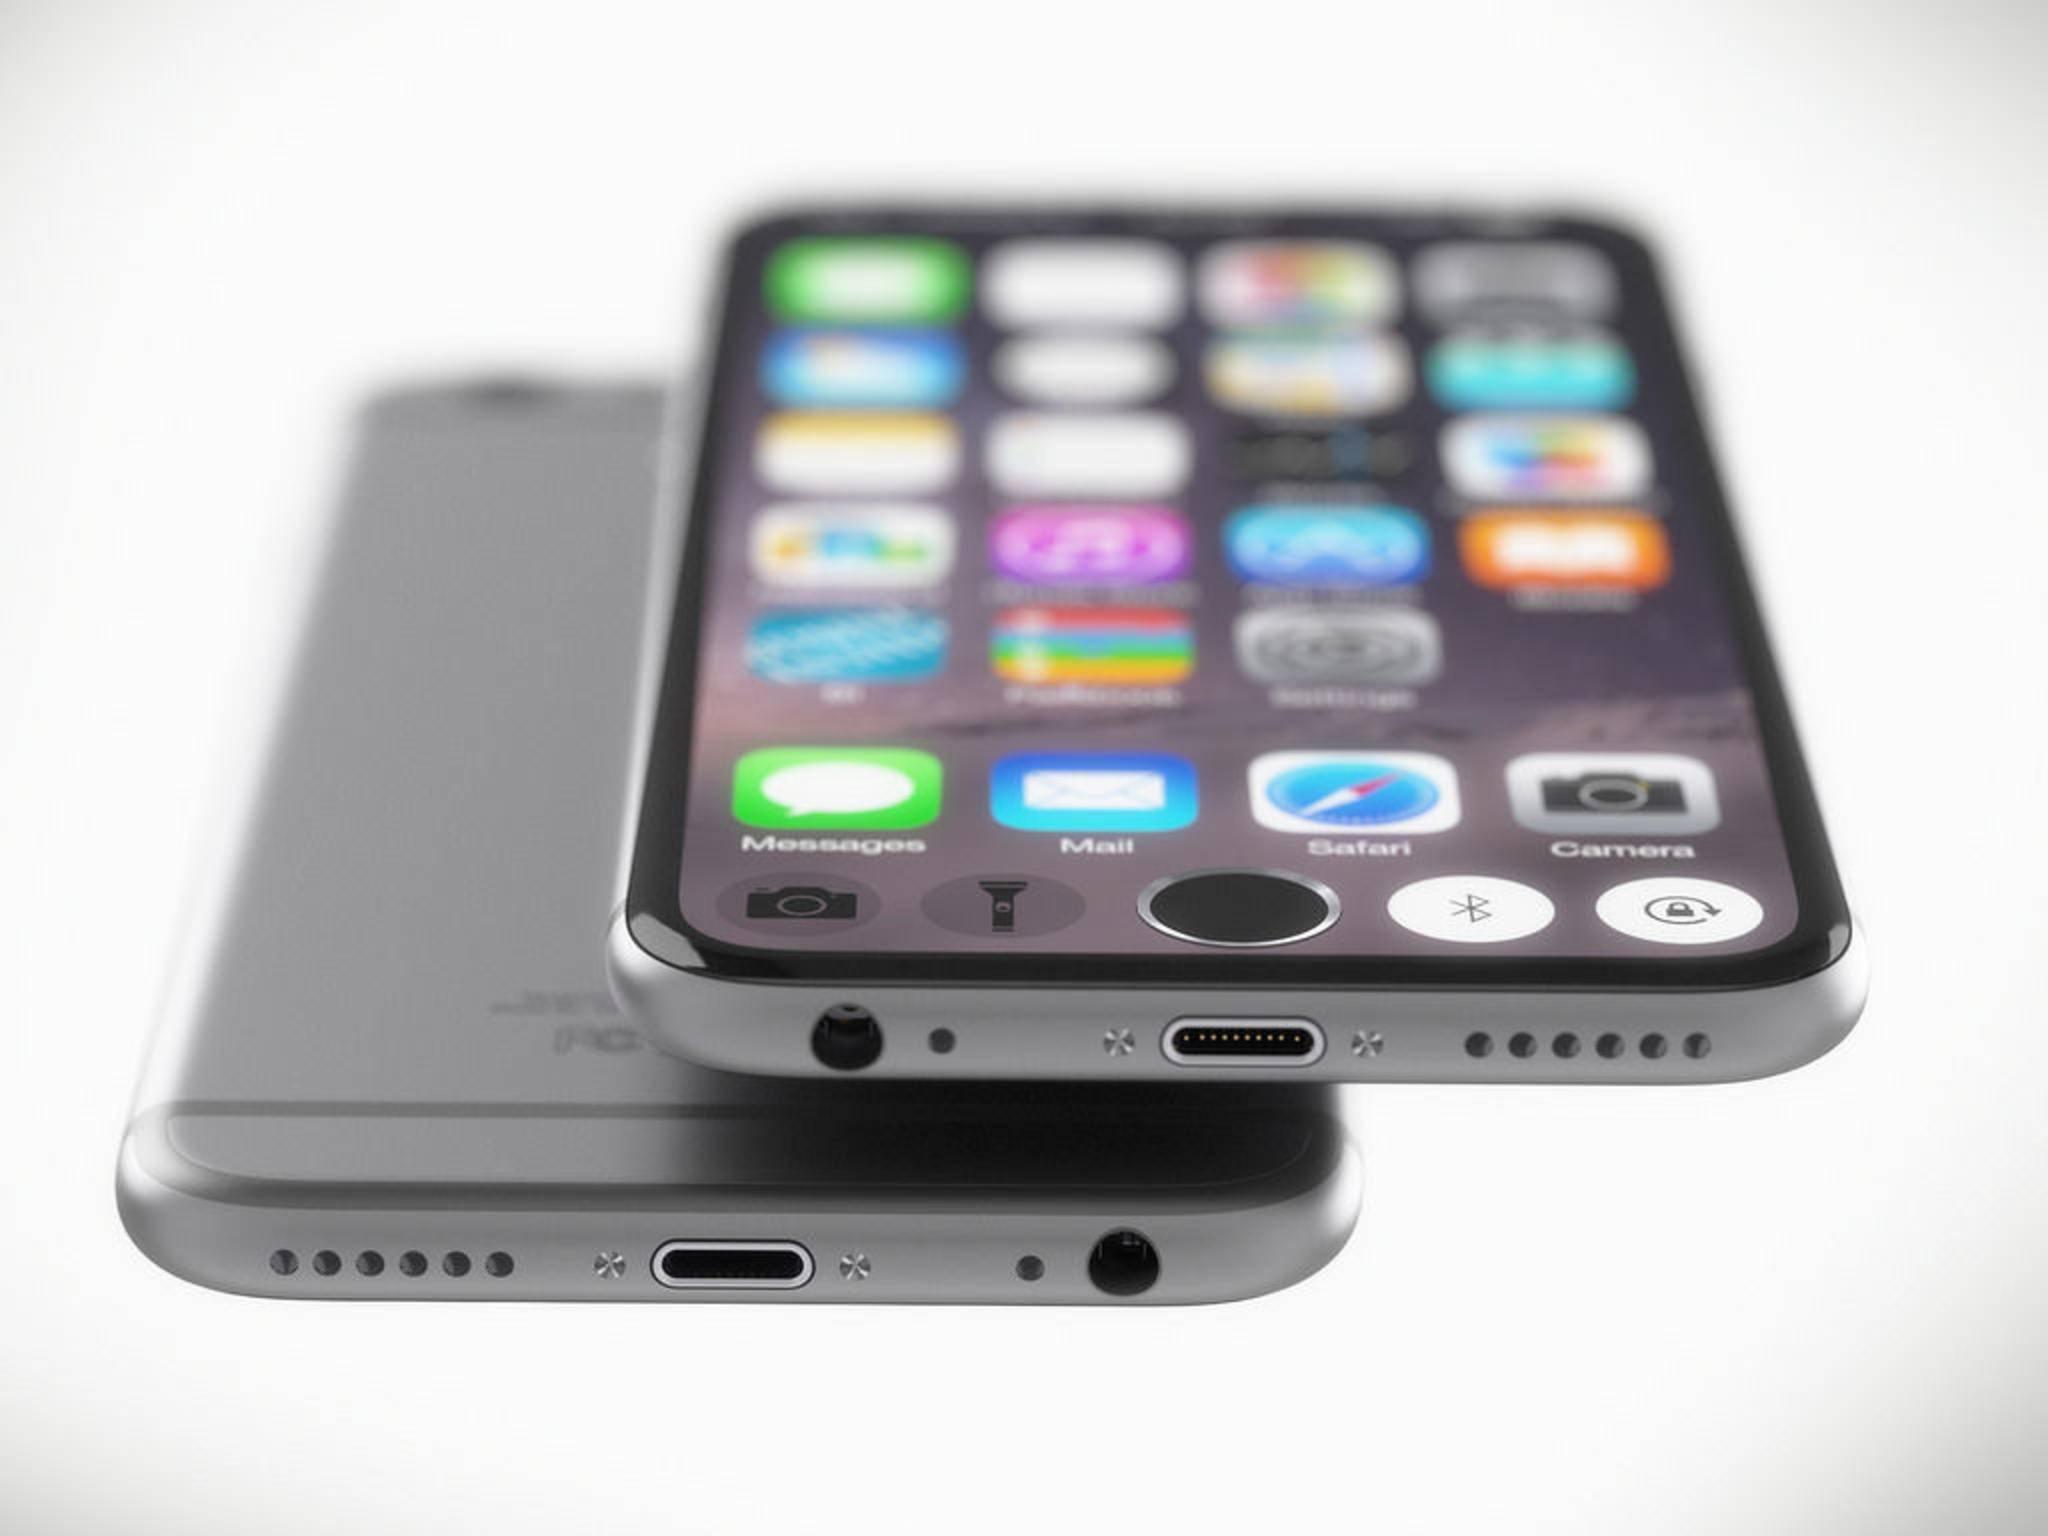 Ob das iPhone 6s tatsächlich so aussehen wird, ist noch völlig offen.